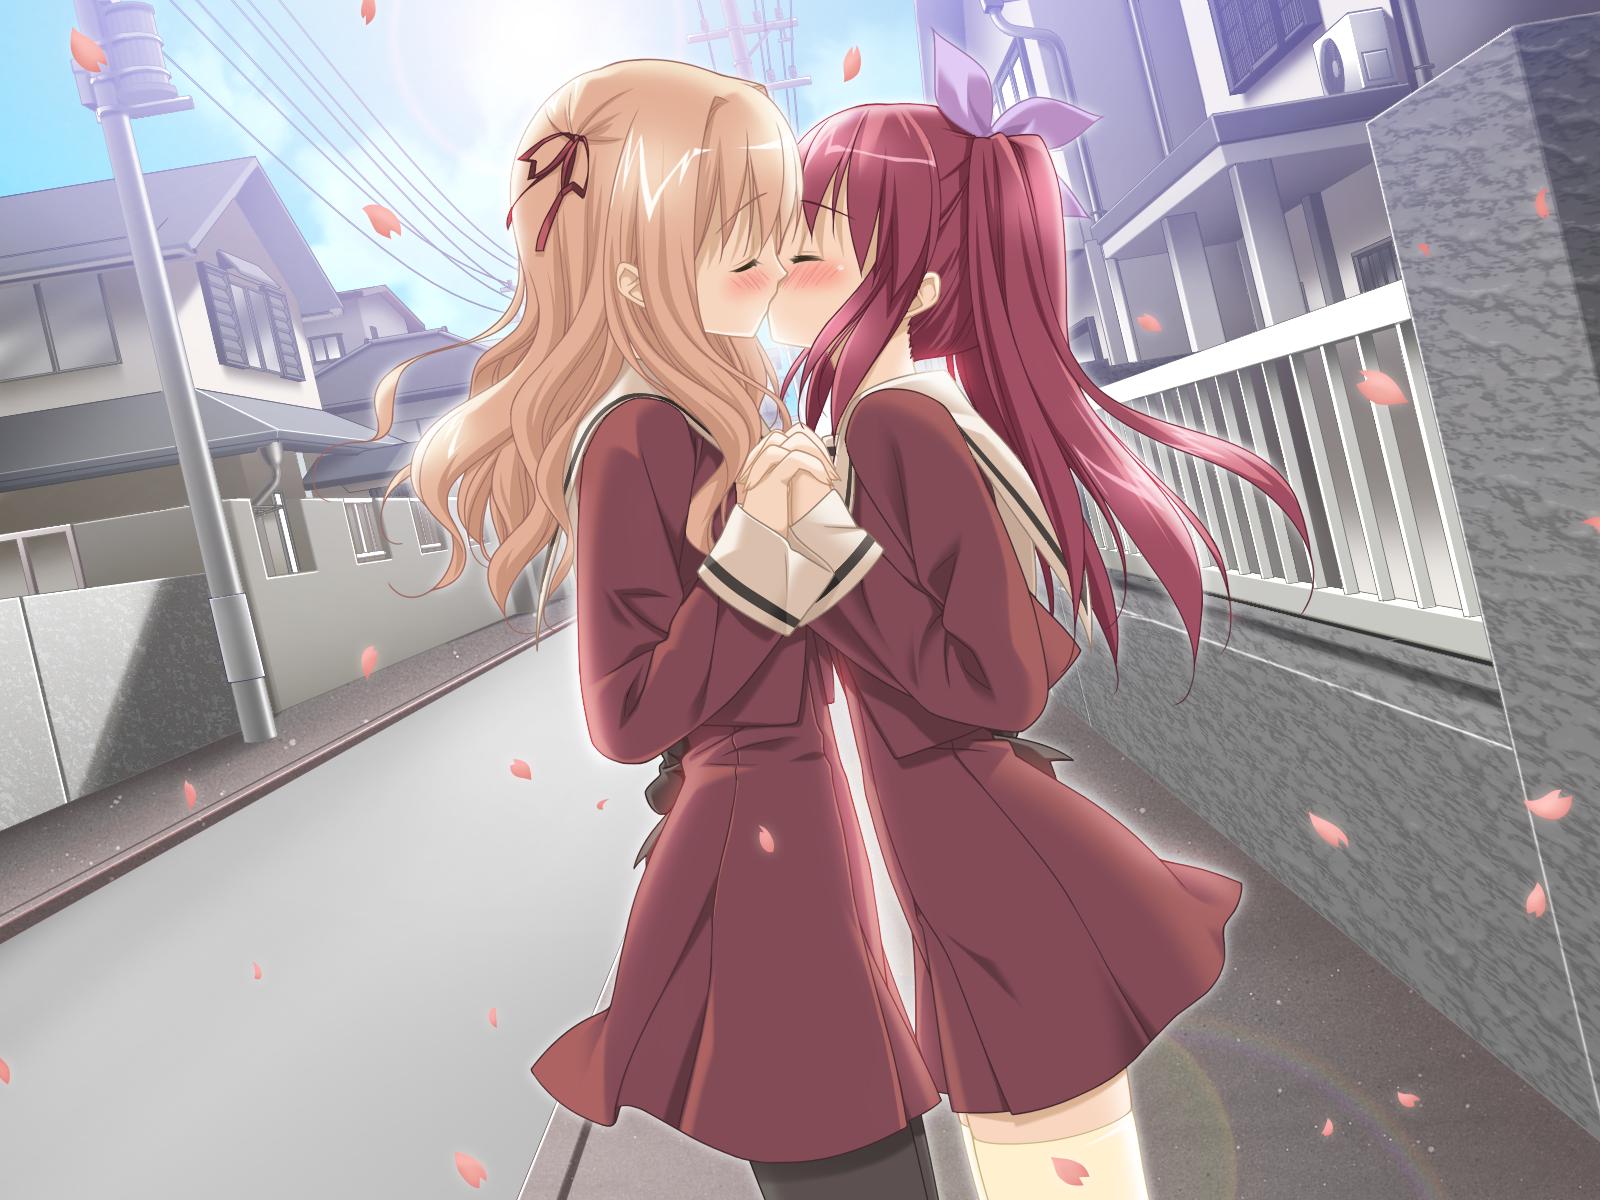 Hot Anime Girls Kissing